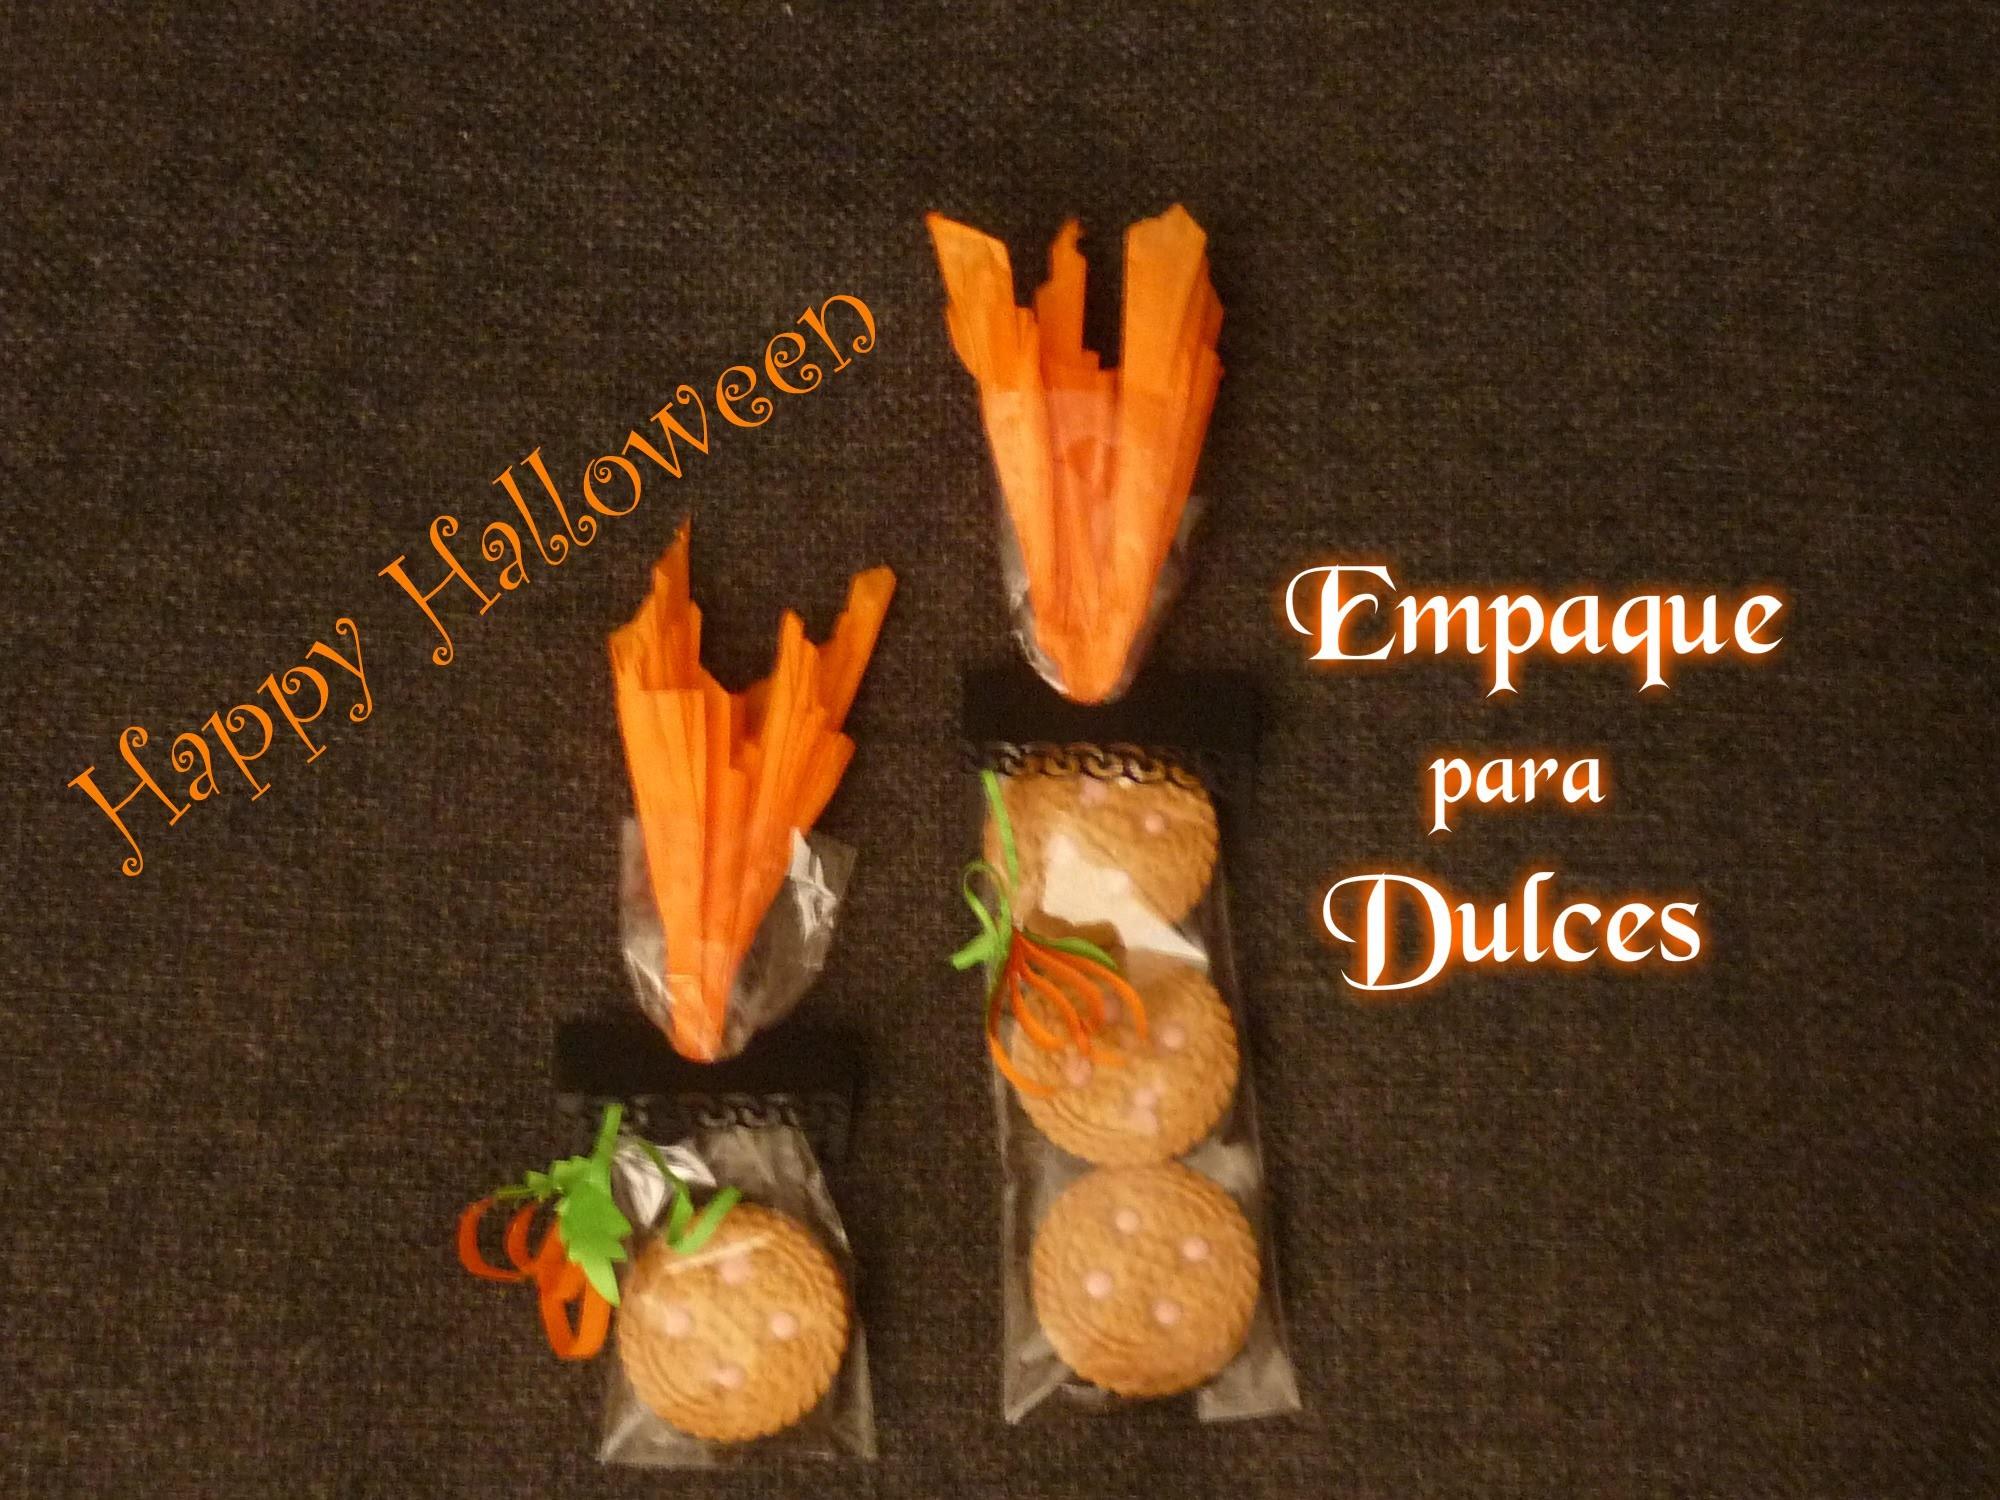 Manualidades para Halloween:COMO EMPACAR DULCES para HALLOWEEN (fácil)- CREA MANUALIDADES